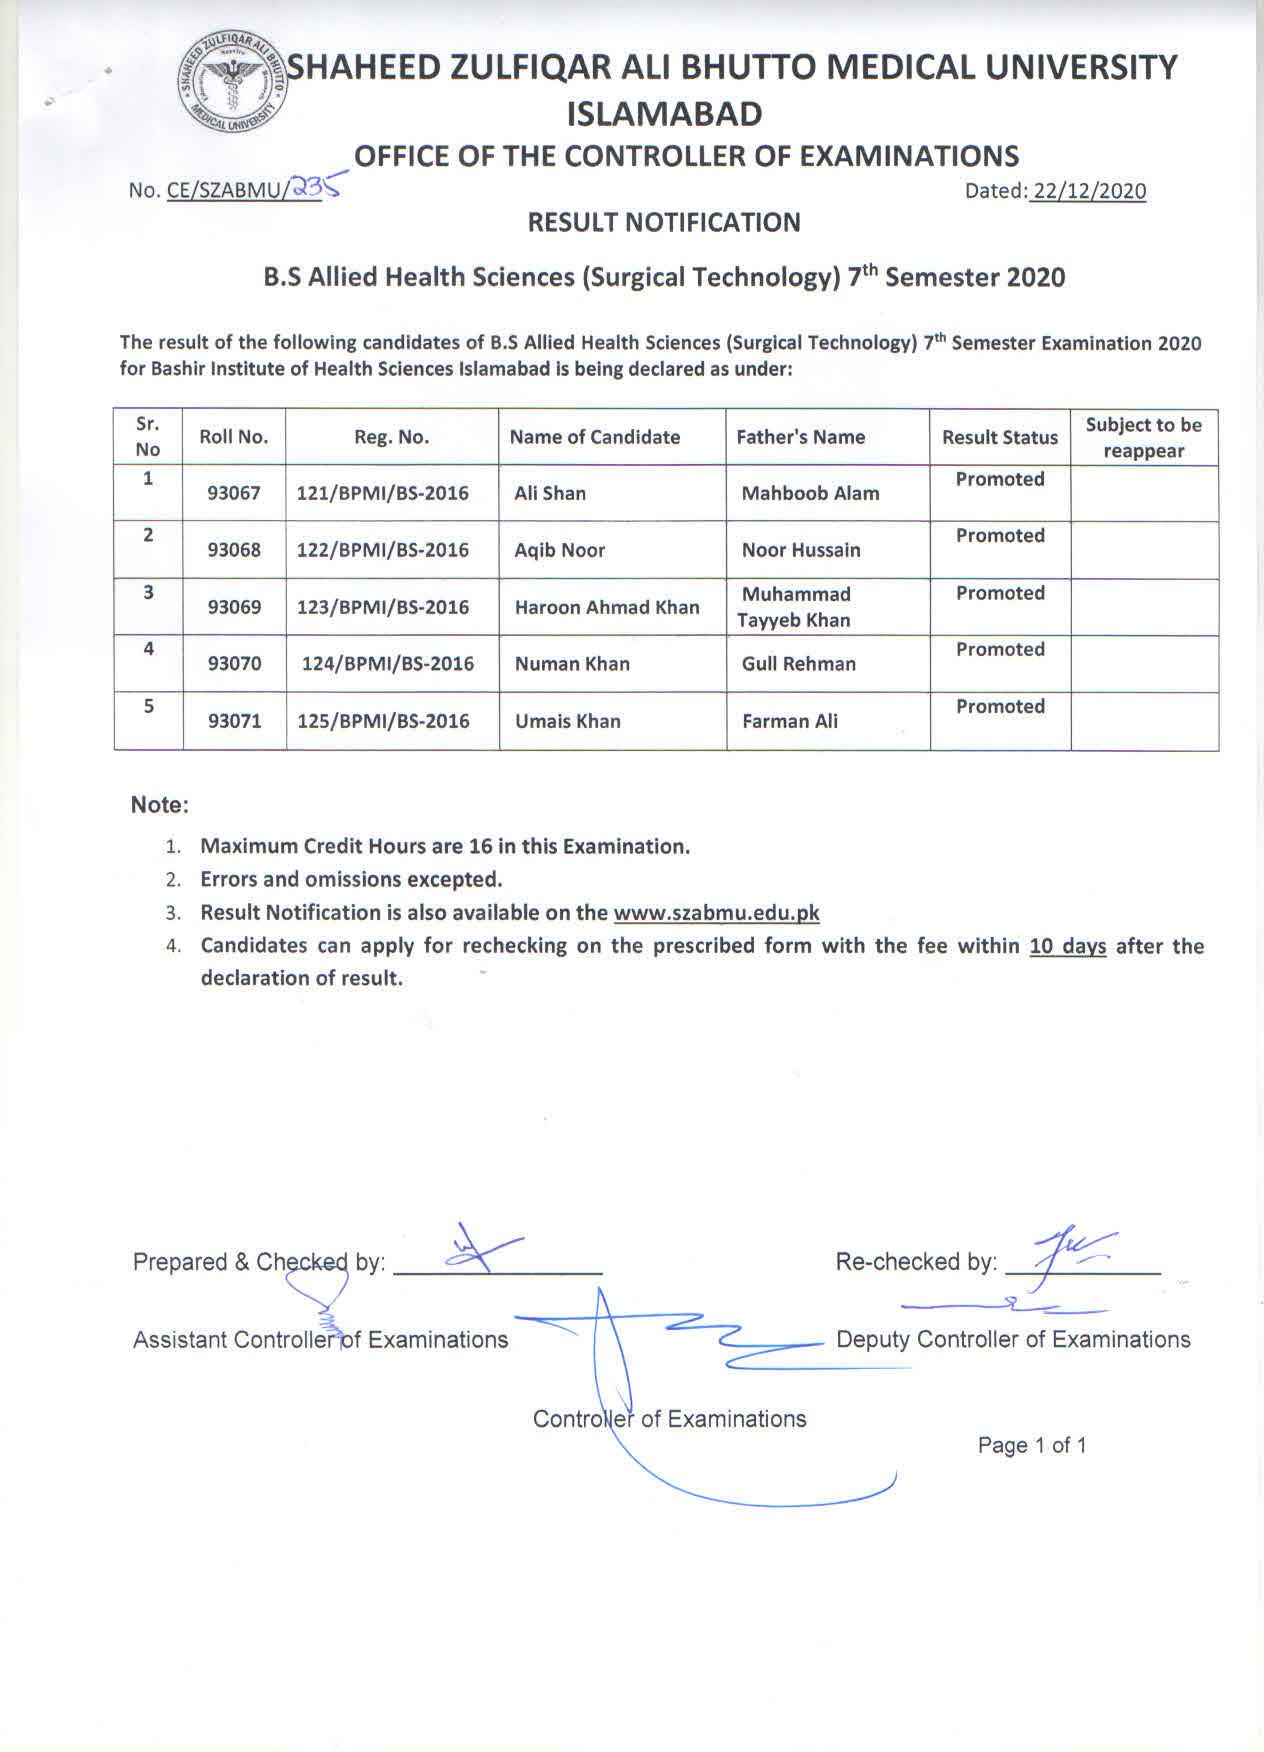 Result Notifications B.S AHS 7th Semester 2020